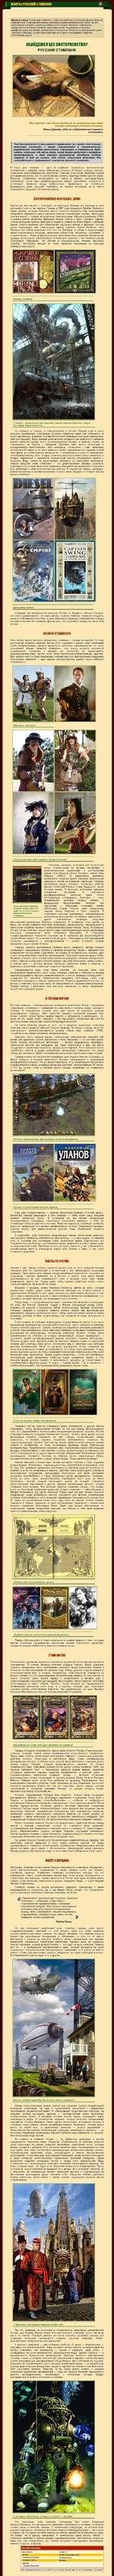 ЖАНРЫ: РУССКИЙ СТНМПАНК КАРДОН КЙСКАЯ РУЛЕТЮ КРАСНЫЕ КАМИН БЕЛОГО [ШШЩЩ ВАДИМ ПАНОВА Например, клокпанк, в котором вся техническая мощь сосредоточена на часовых механизмах с многочисленными пружинками и шестерёнками (роман Пола Макоули «Ангел Паскаля», комикс Нила Геймана «1602»), В дизельпанк